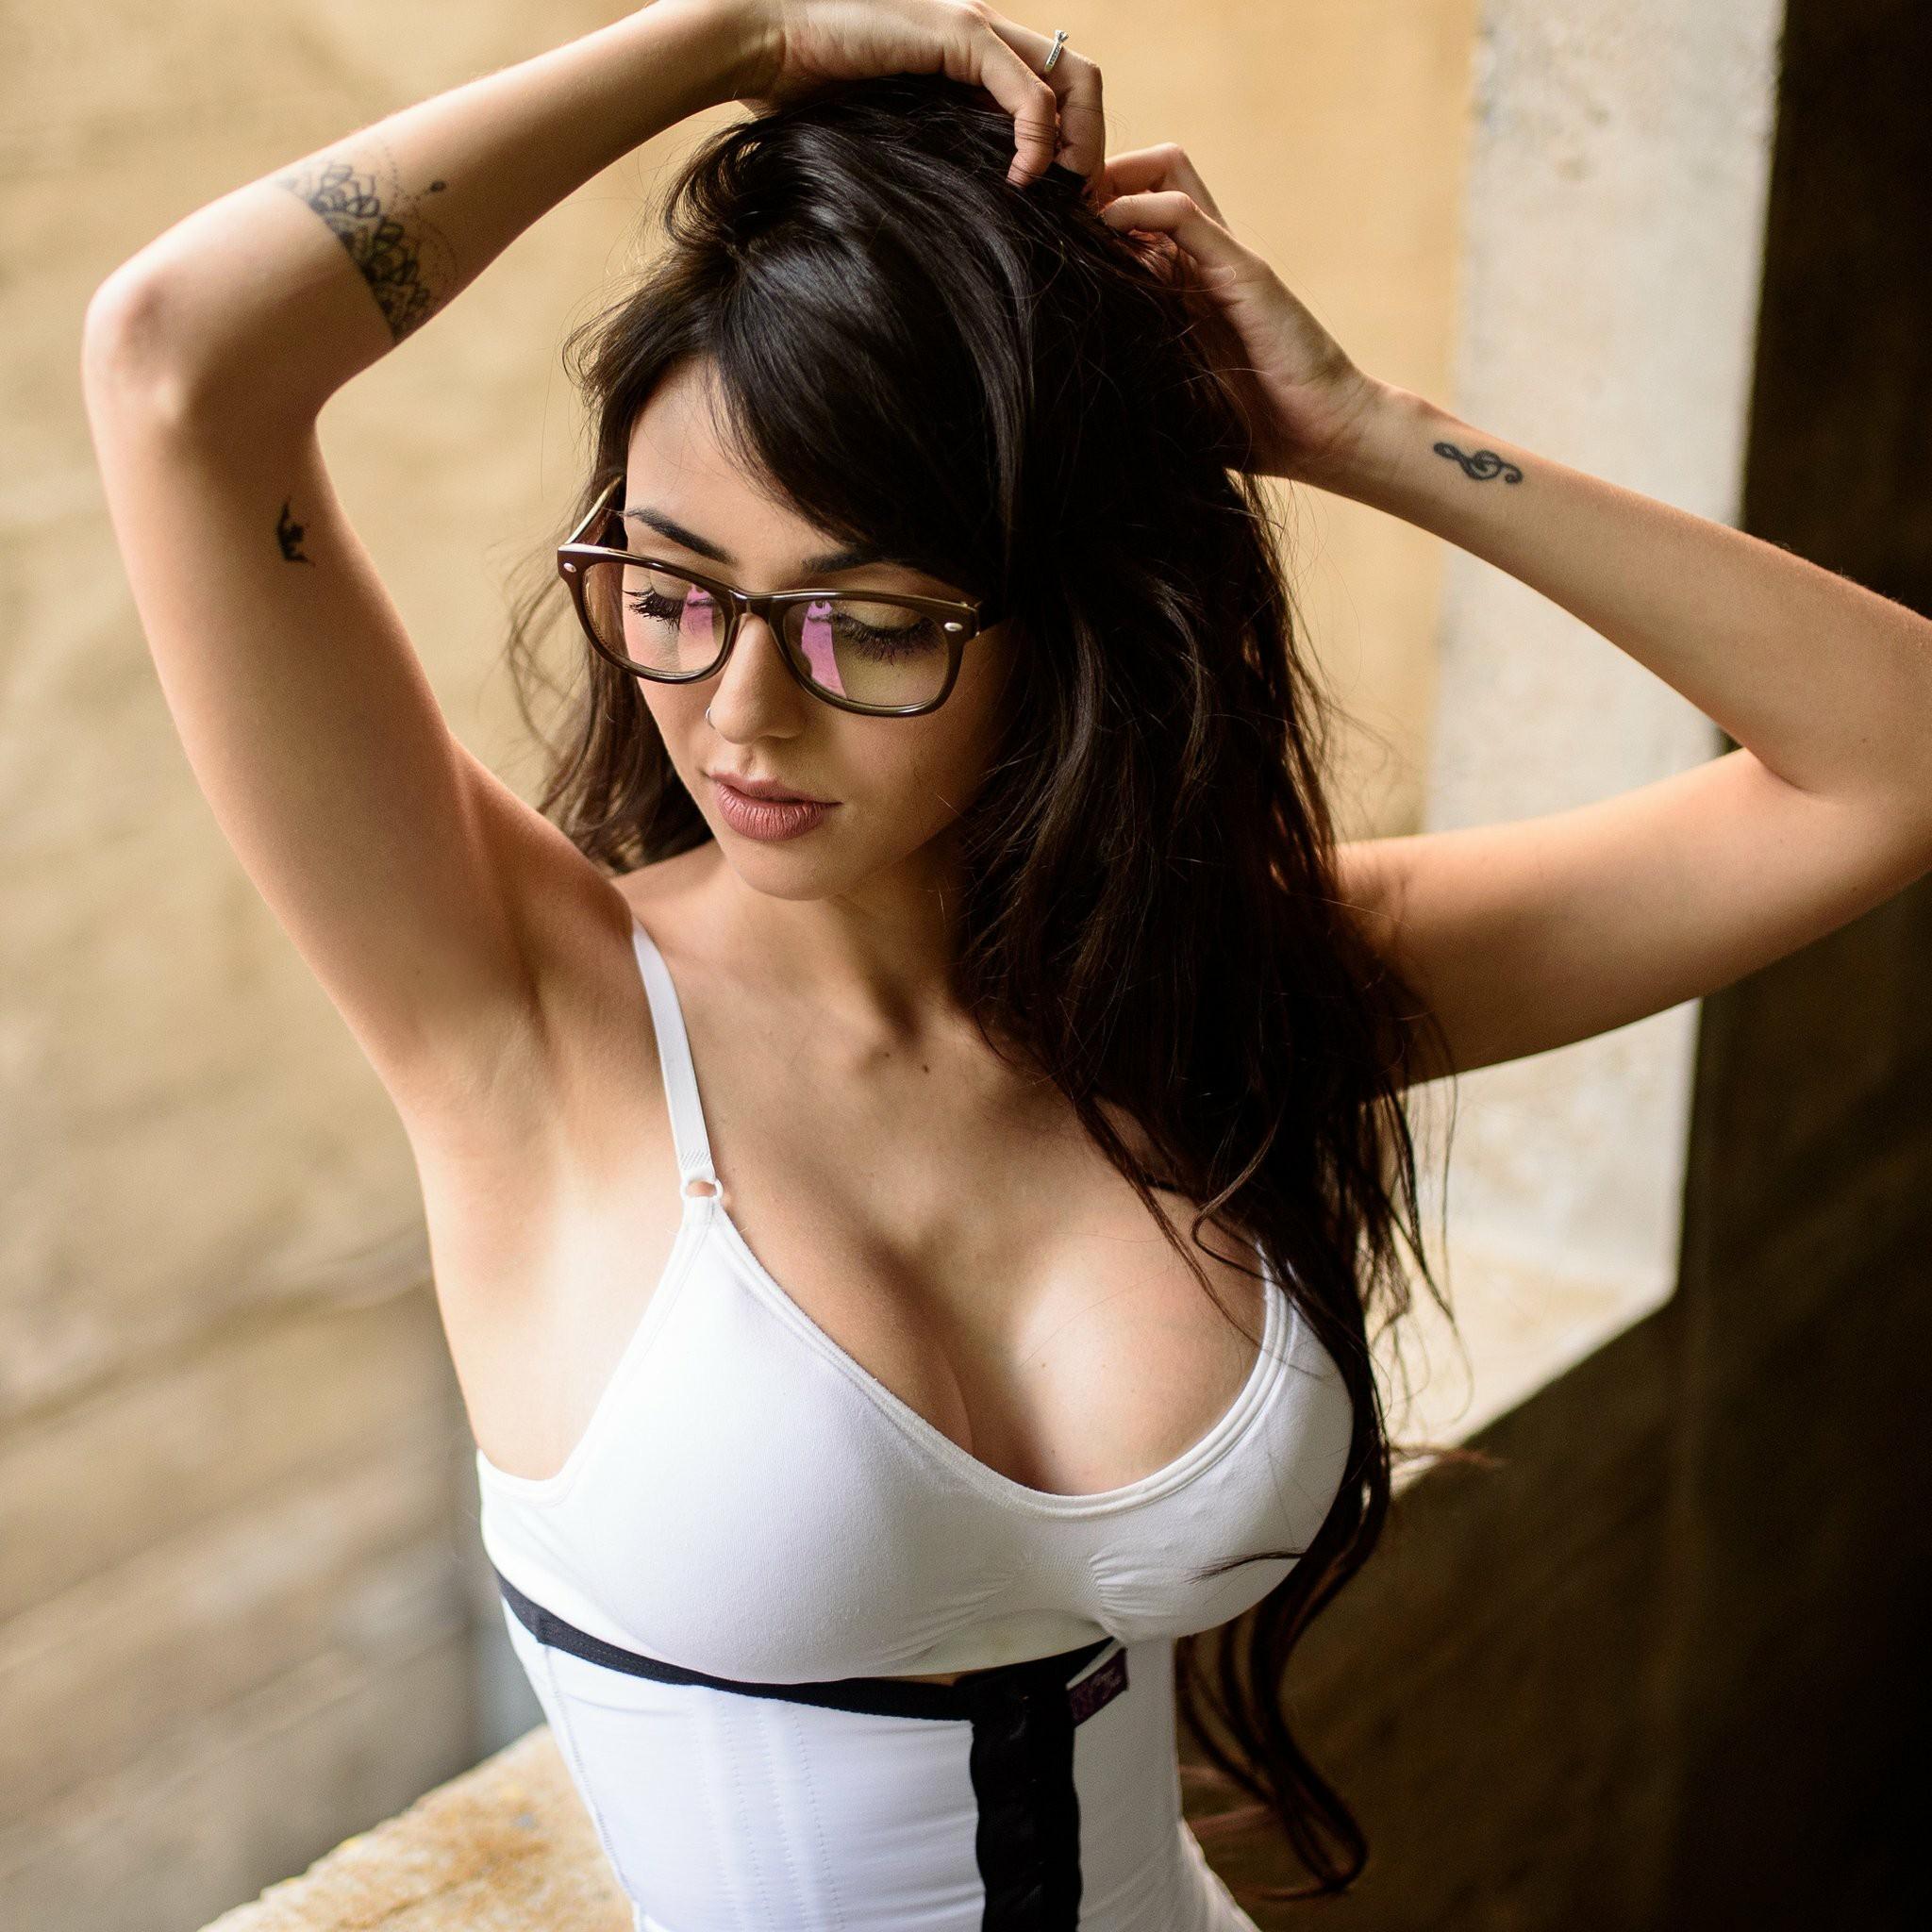 sexo francesas jovens site boafoda com